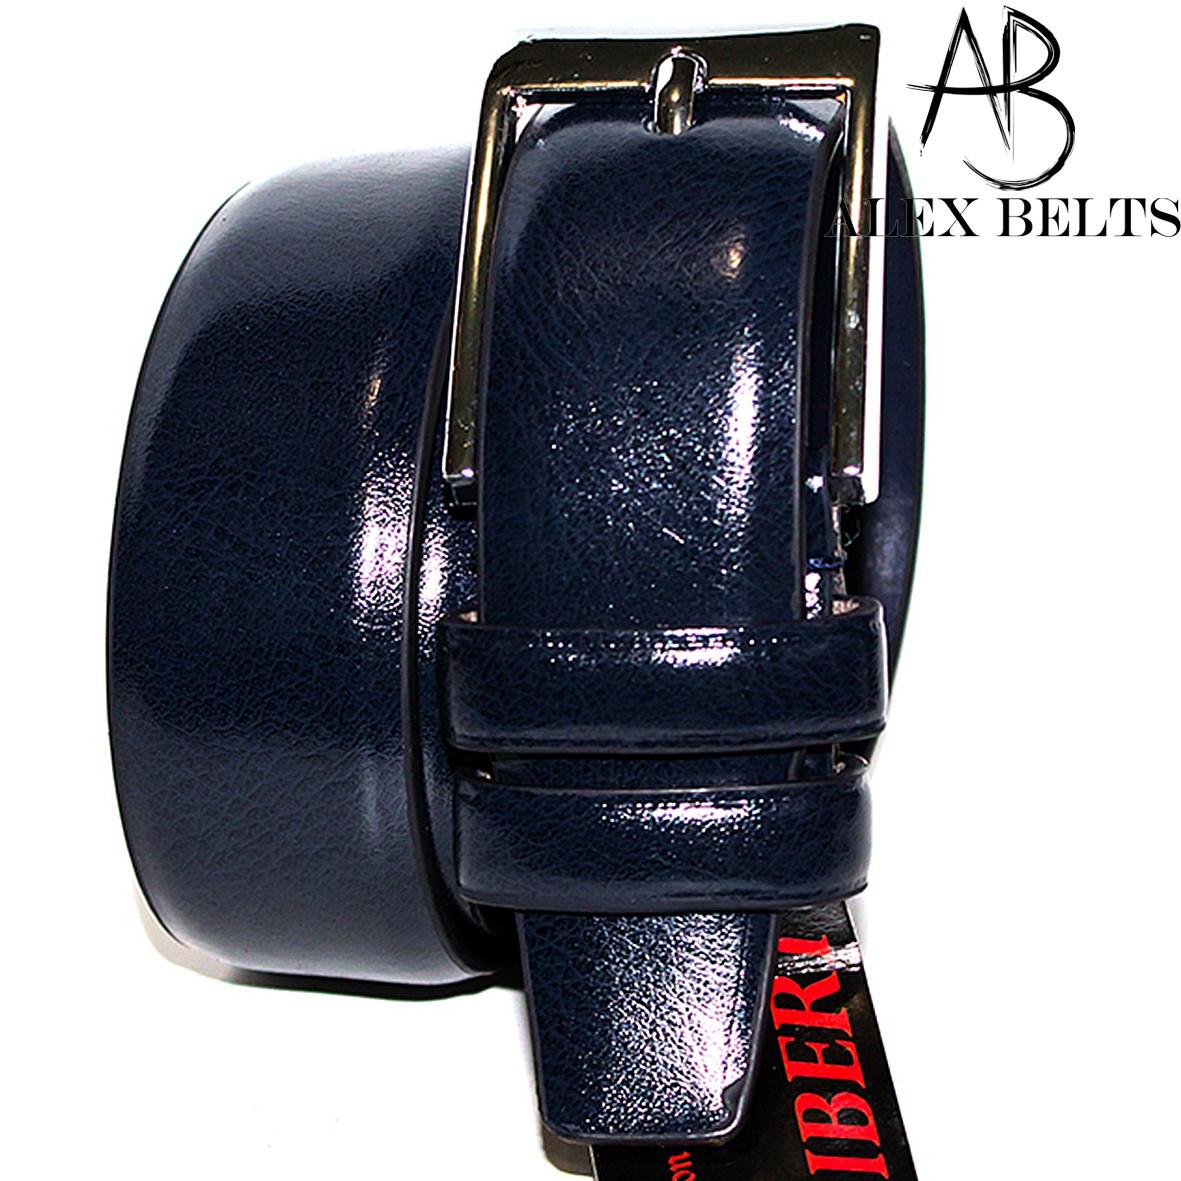 Ремень мужской брючный заменитель Coliberi 35 мм - купить оптом в Одессе